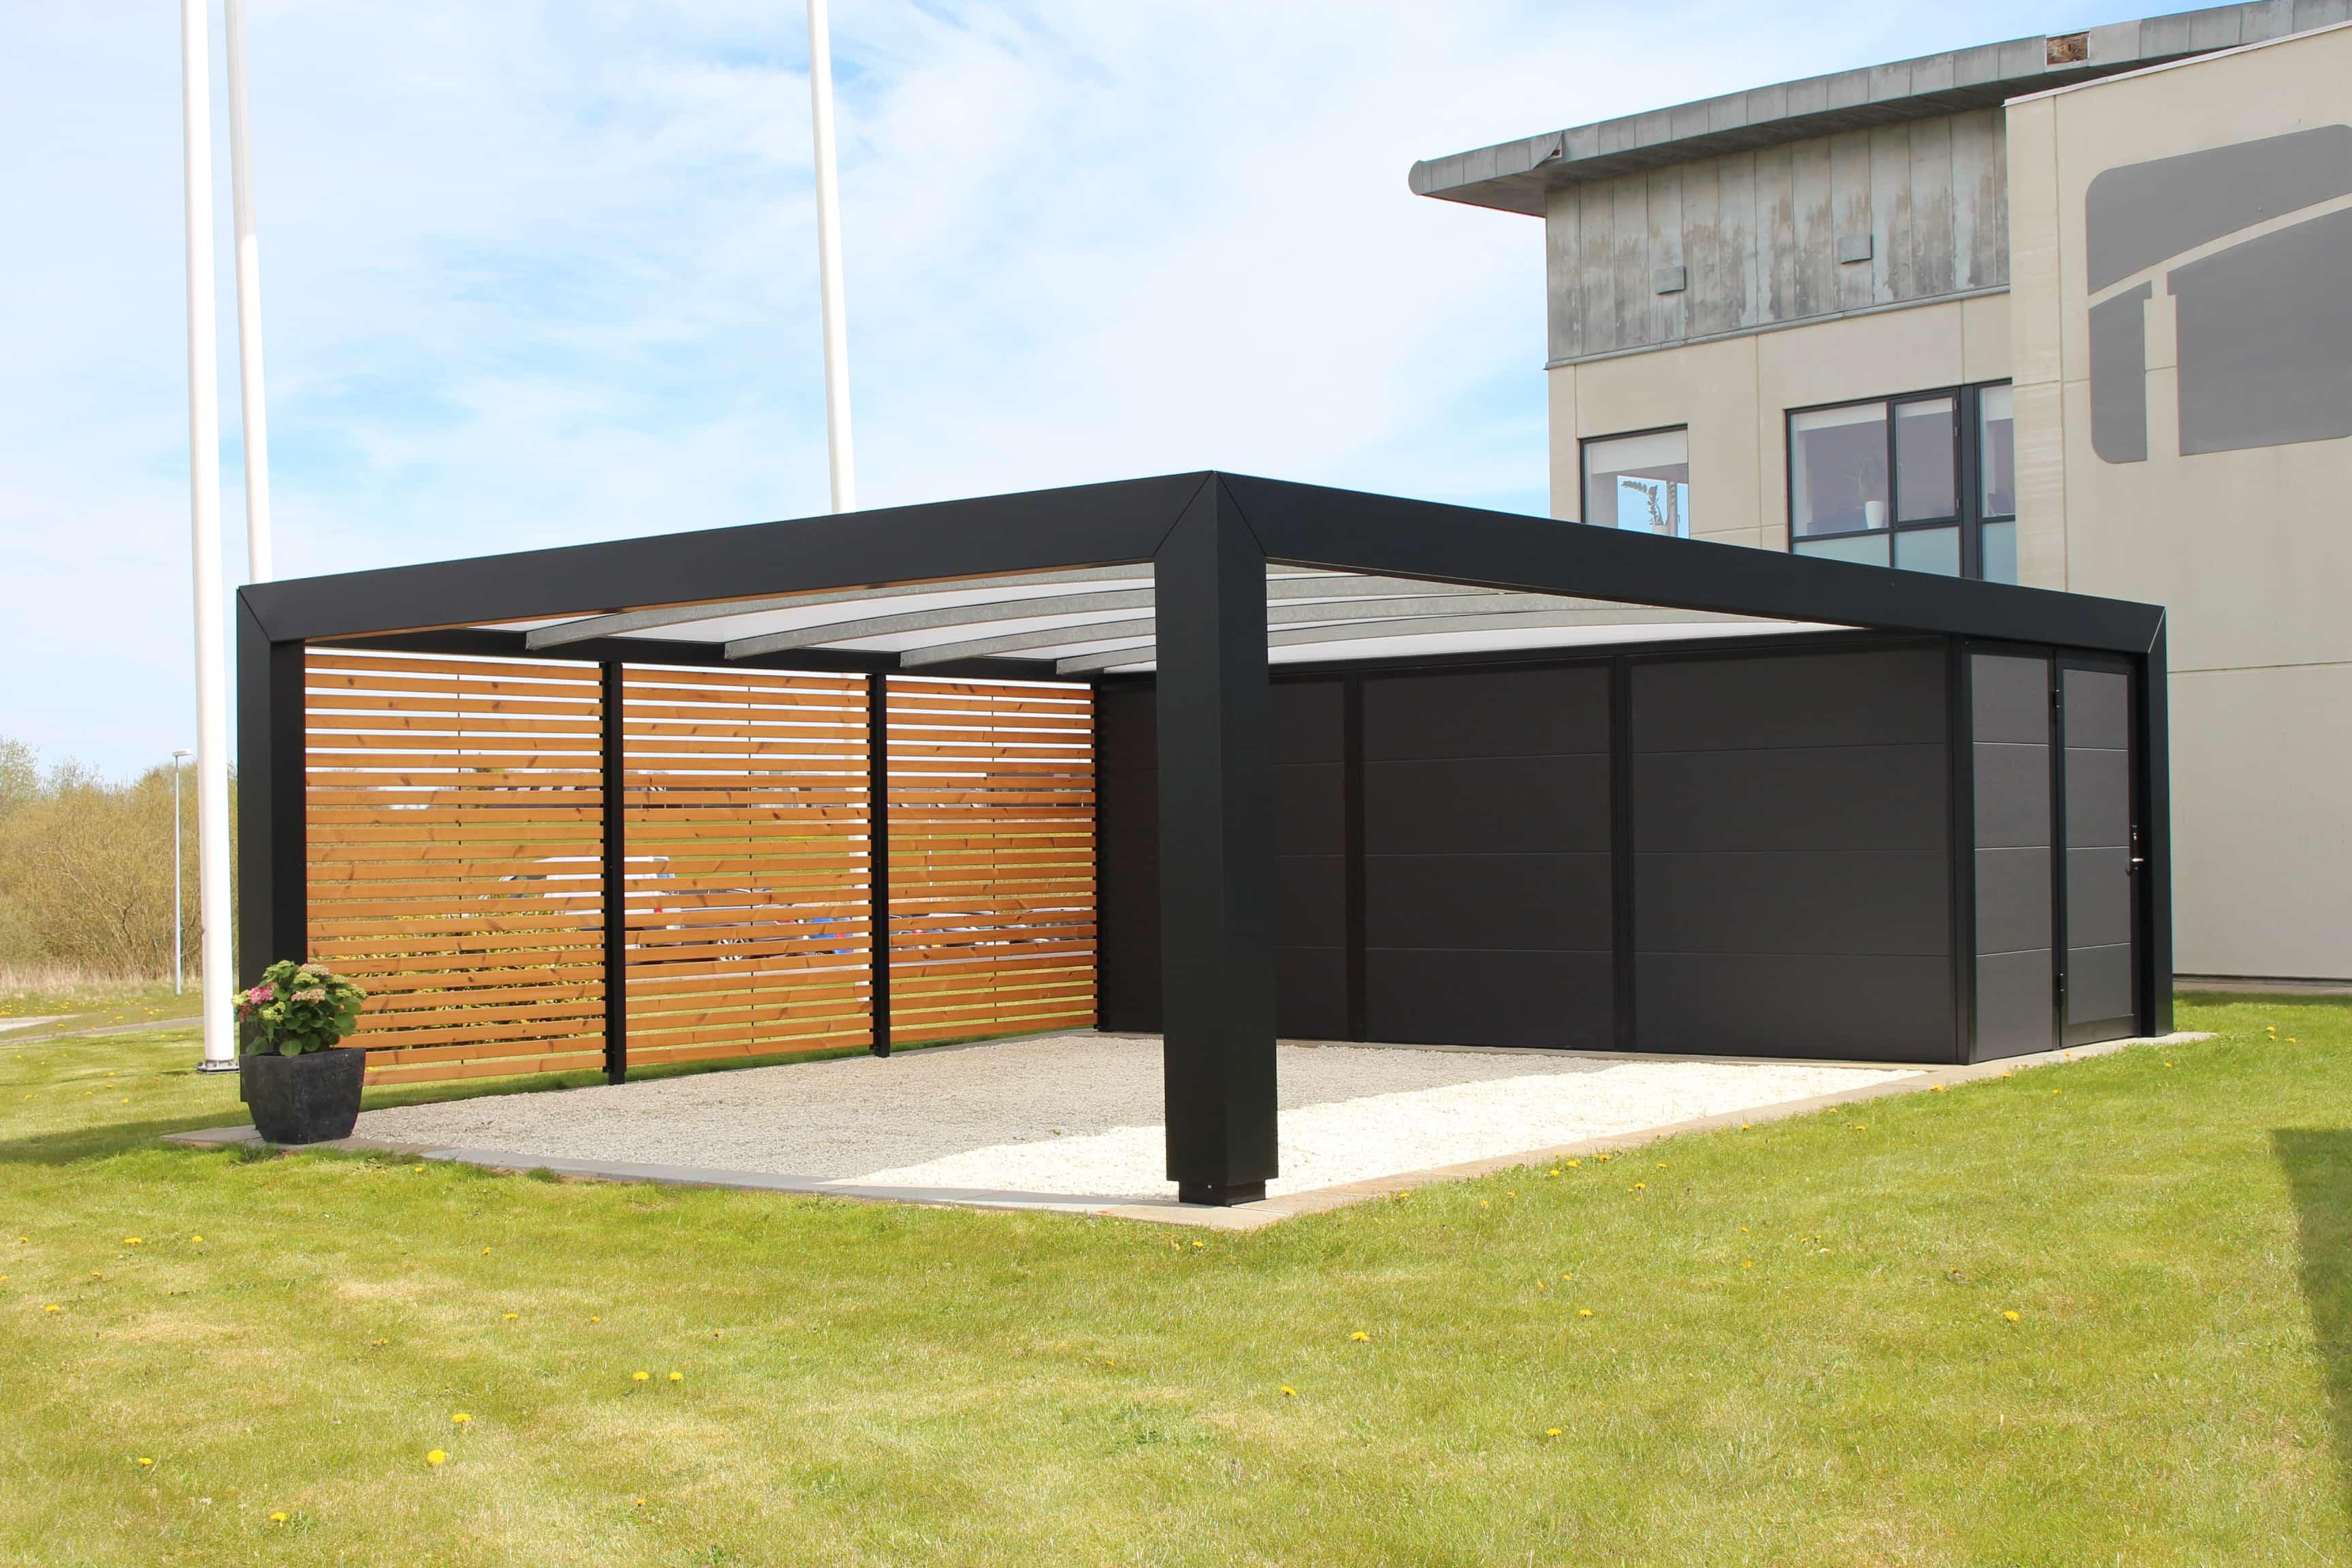 Stilren KUBIC carport i galvaniseret, pulverlakeret stål, samt plast, træ og kompositmaterialer